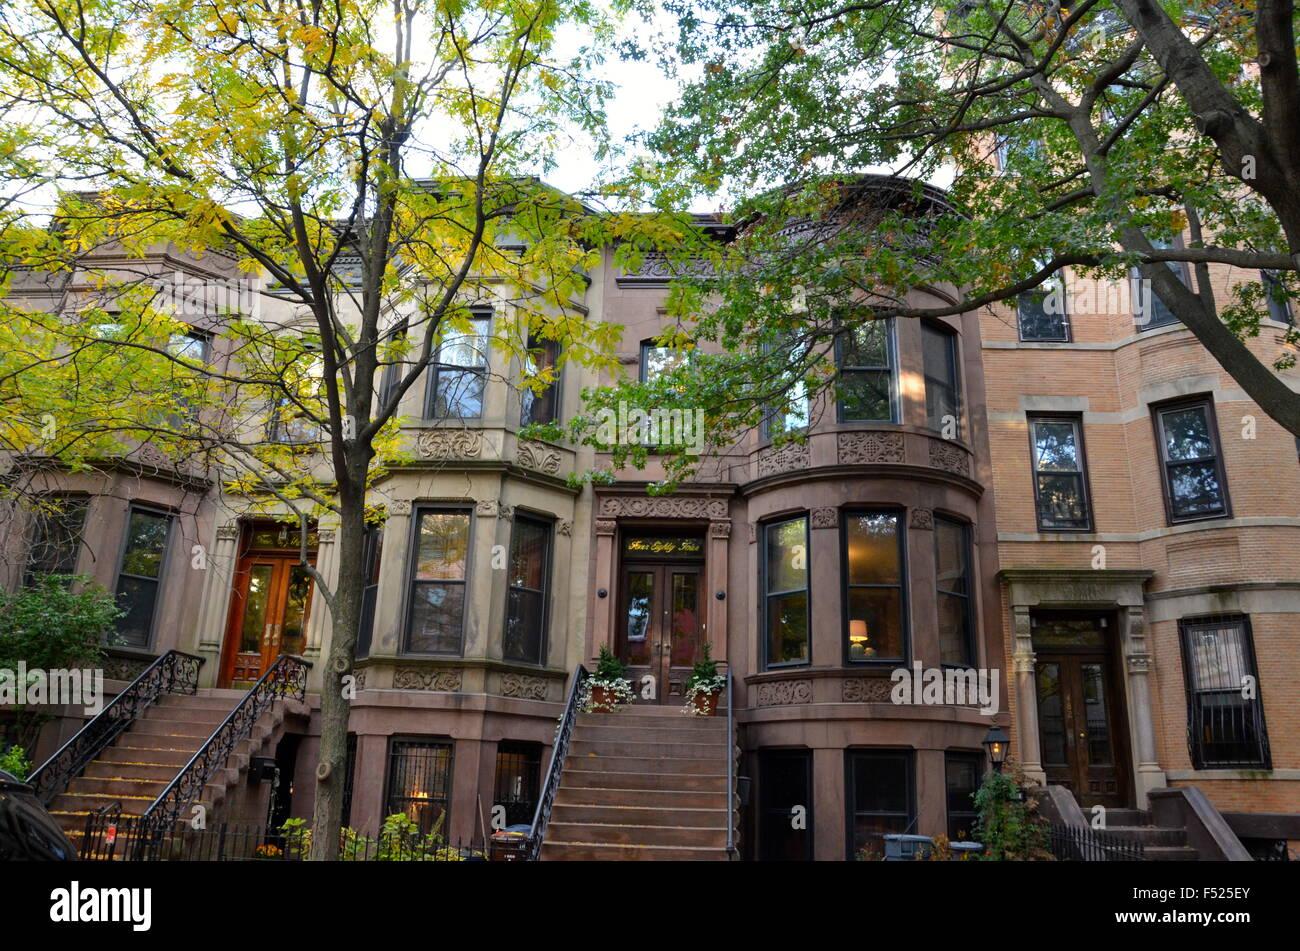 Buy House In Ny City